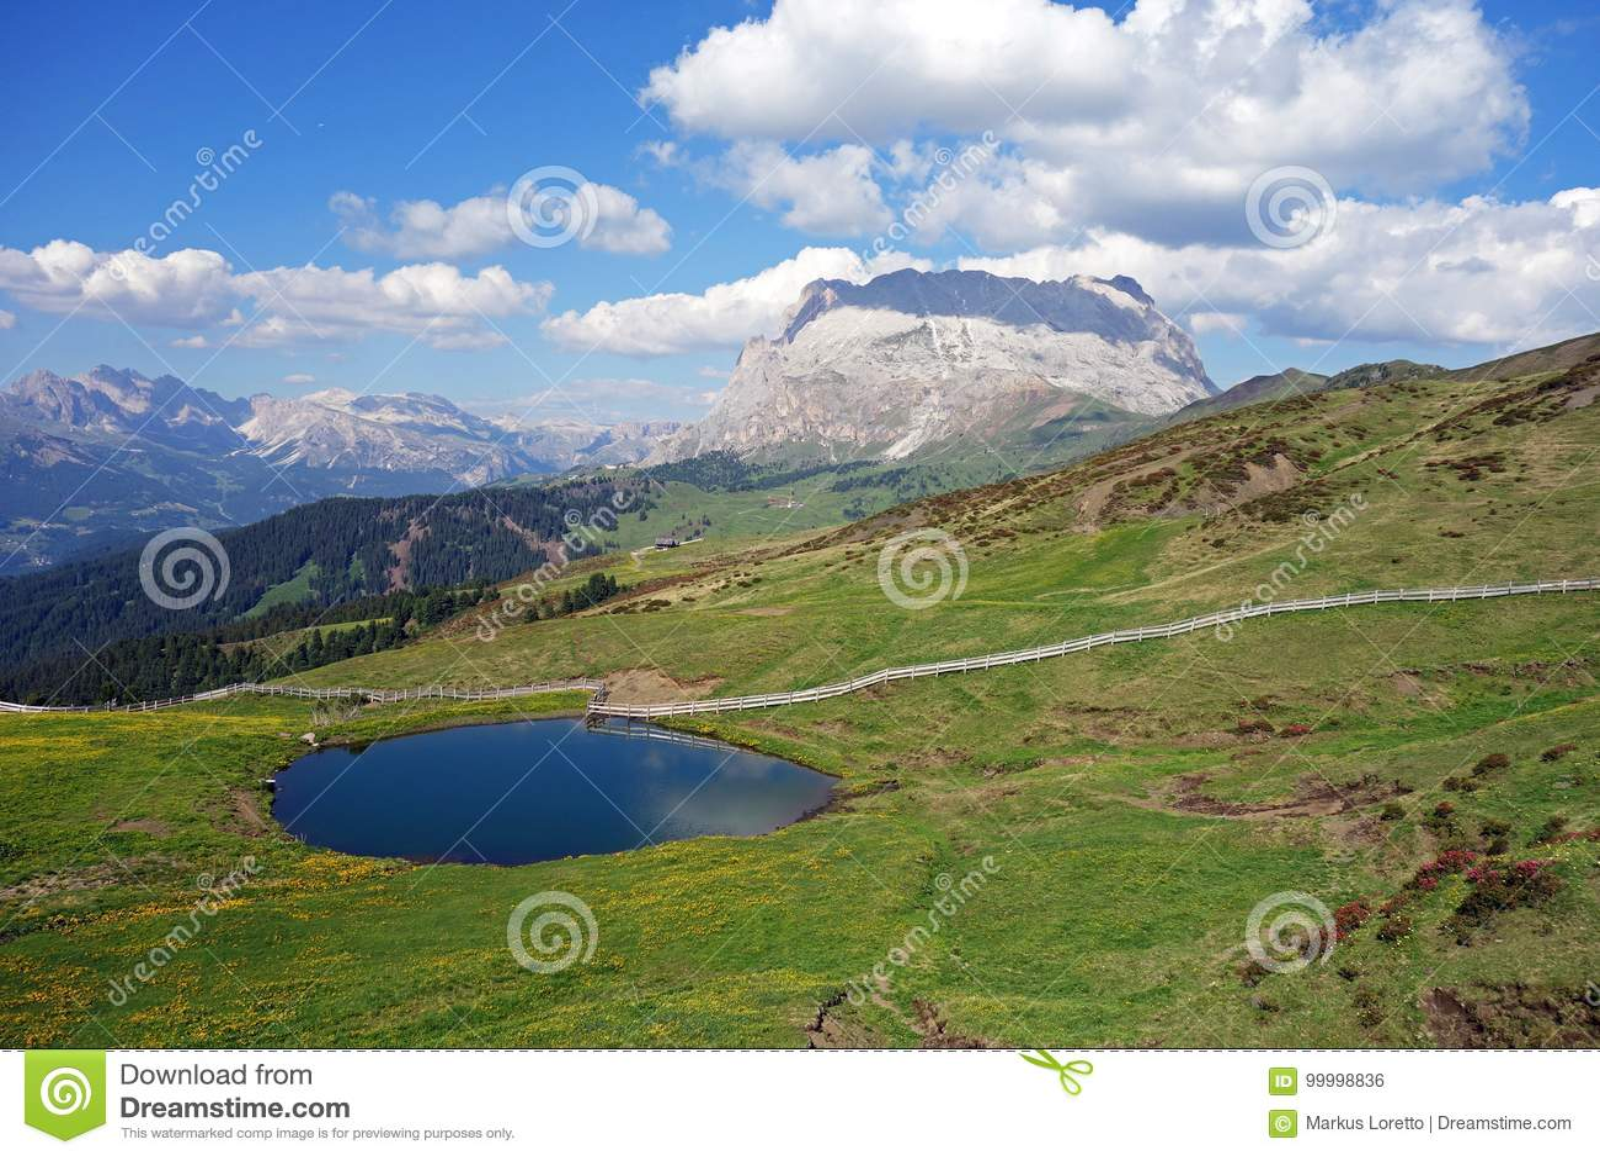 Jezioro, Seiser Alm Alpe Di Siusi, Południowy Tyrol, Włochy